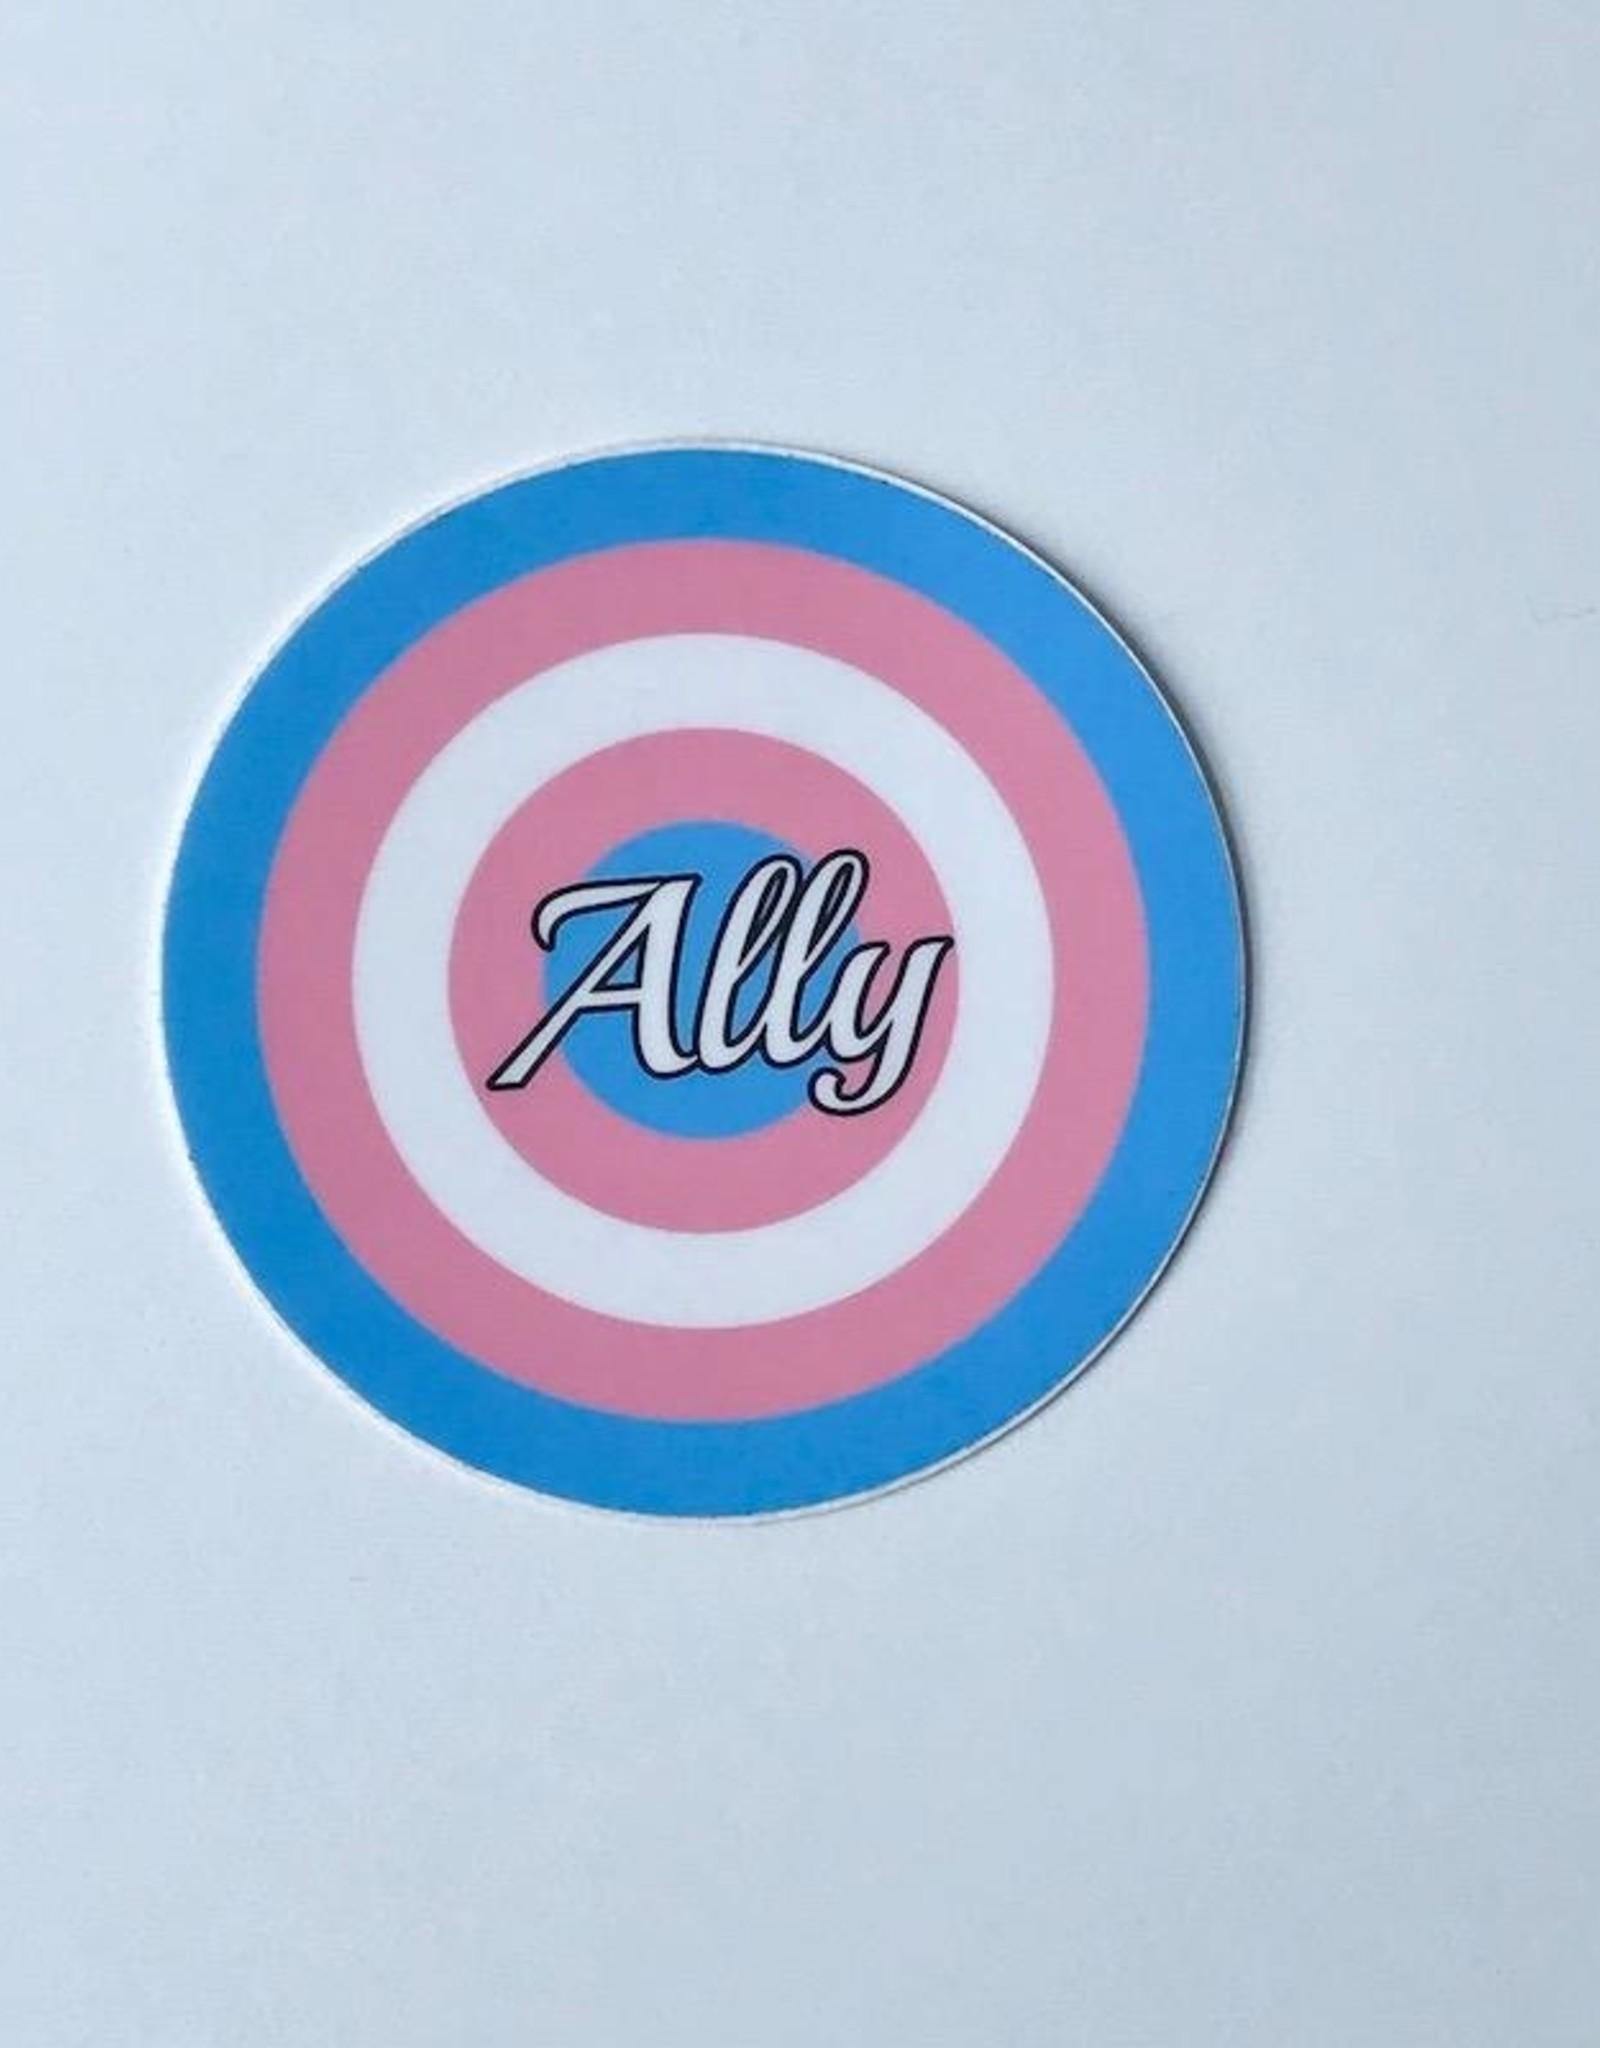 Ally Sticker by Asher Schwank